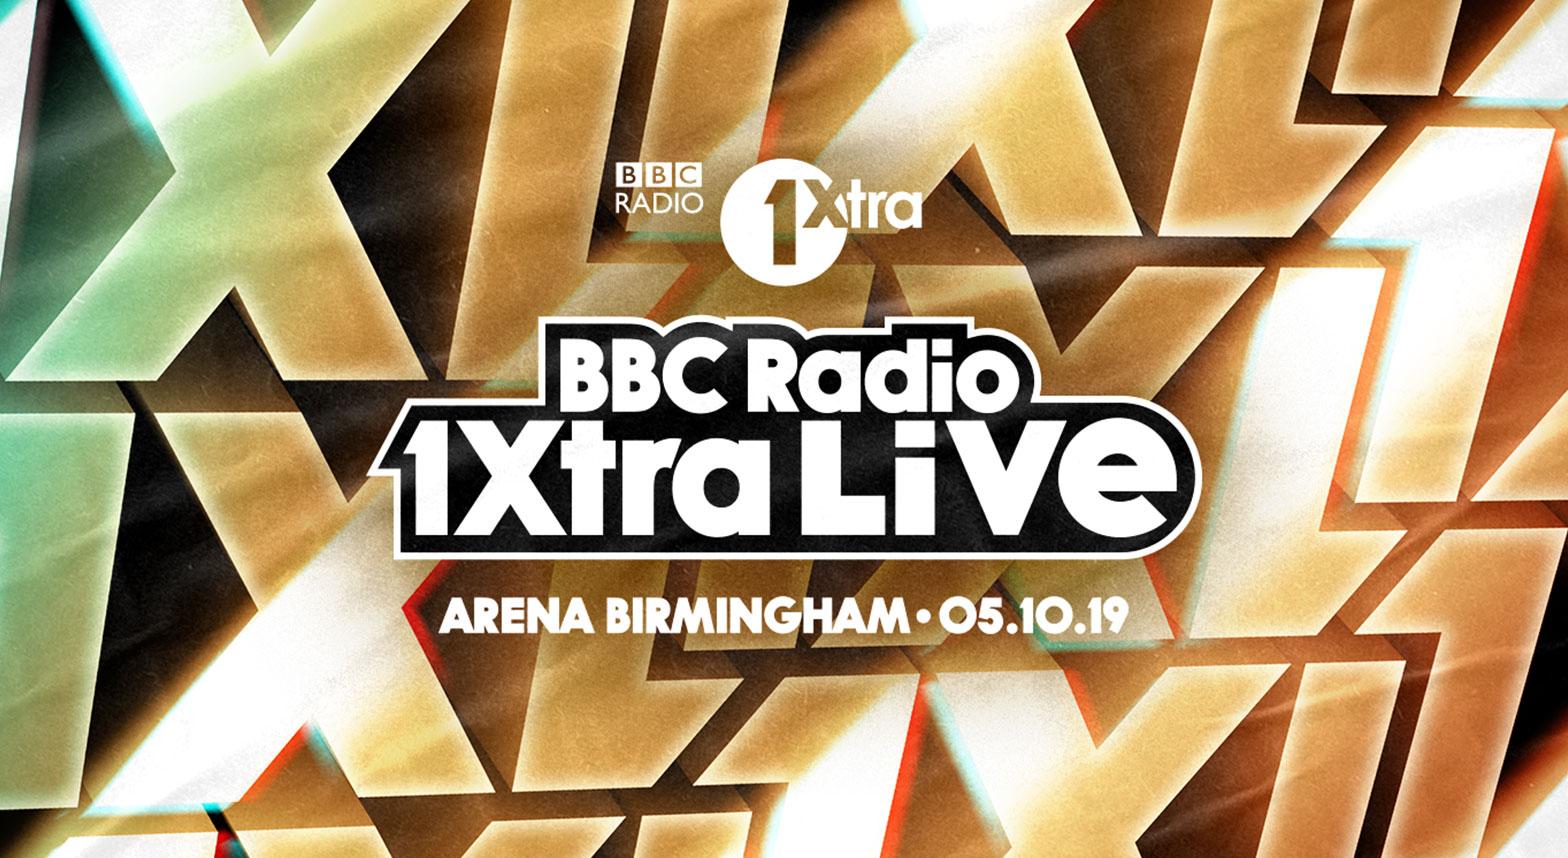 bbc-radio-1extra-live-arenas.jpg